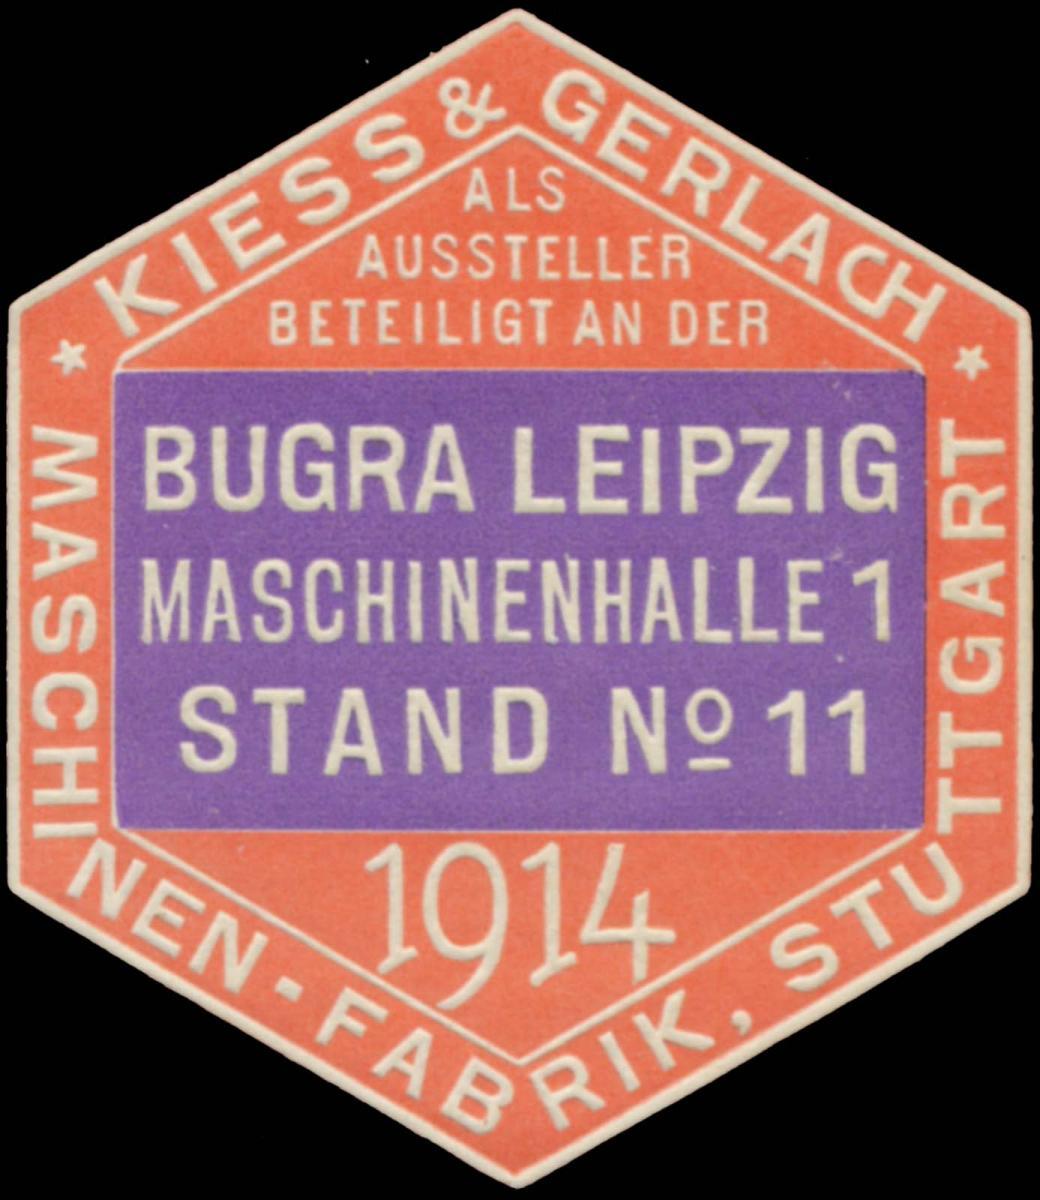 Maschinenfabrik Kiess & Gerlach